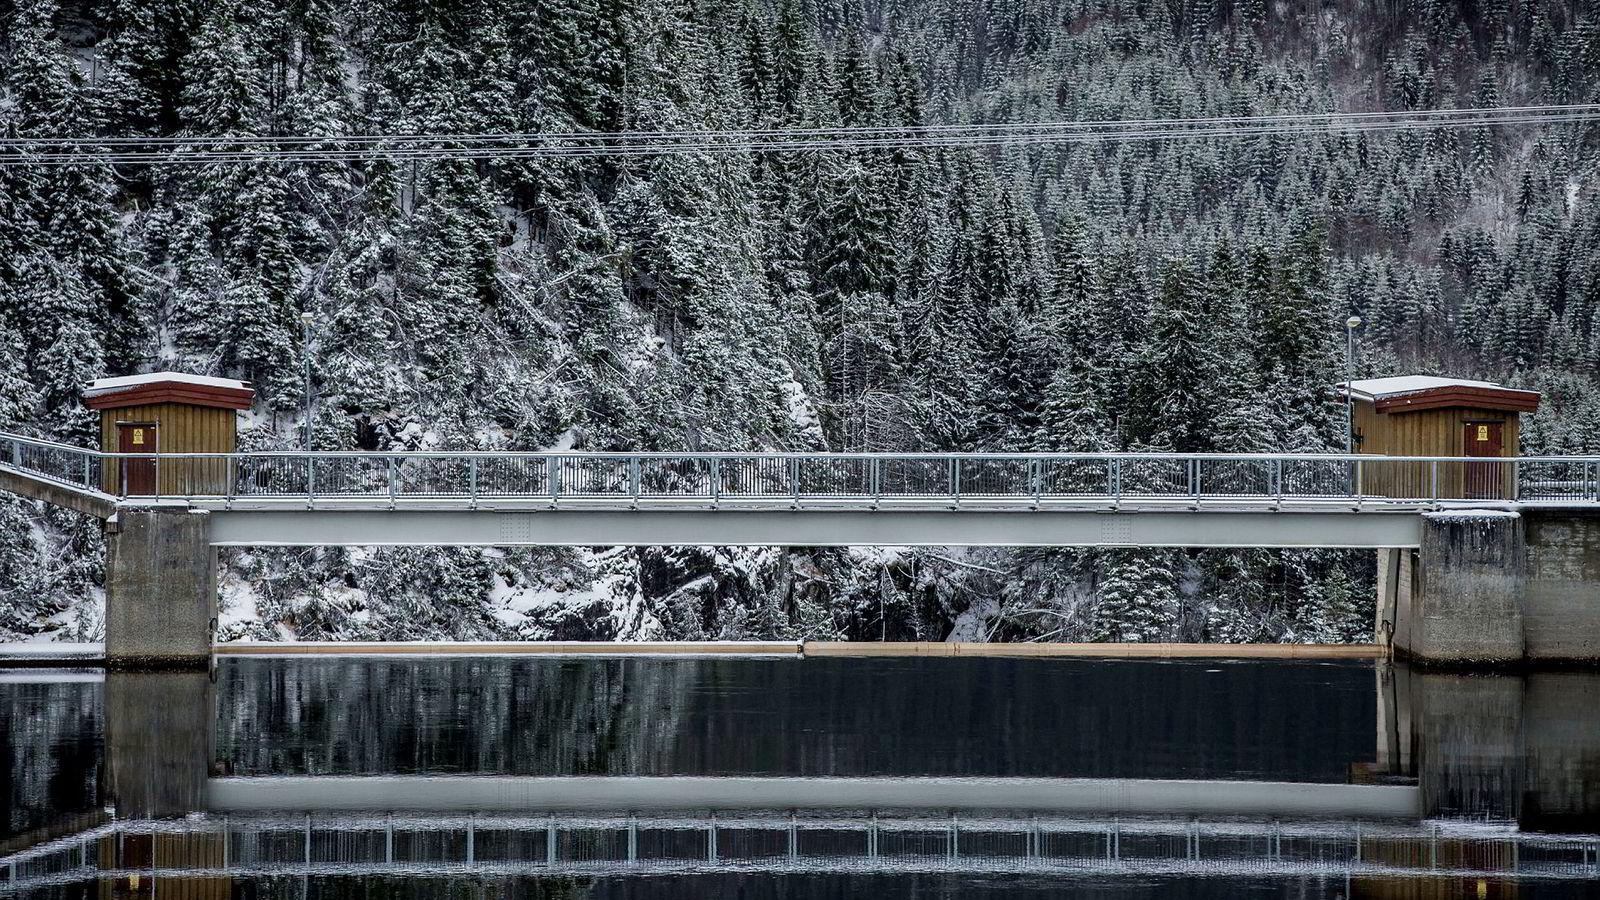 I forskningen ser noen av oss på hva som kan oppnås ved å bygge nullutslippsområder. Det har fått flere til å spørre: Er ikke slike tiltak irrelevante i Norge, som dekker mye av energibehovet i bygninger ved hjelp av utslippsfri vannkraft? skriver artikkelforfatterne. Her elkraftverket Nedre Fiskumfoss i Namdalen.